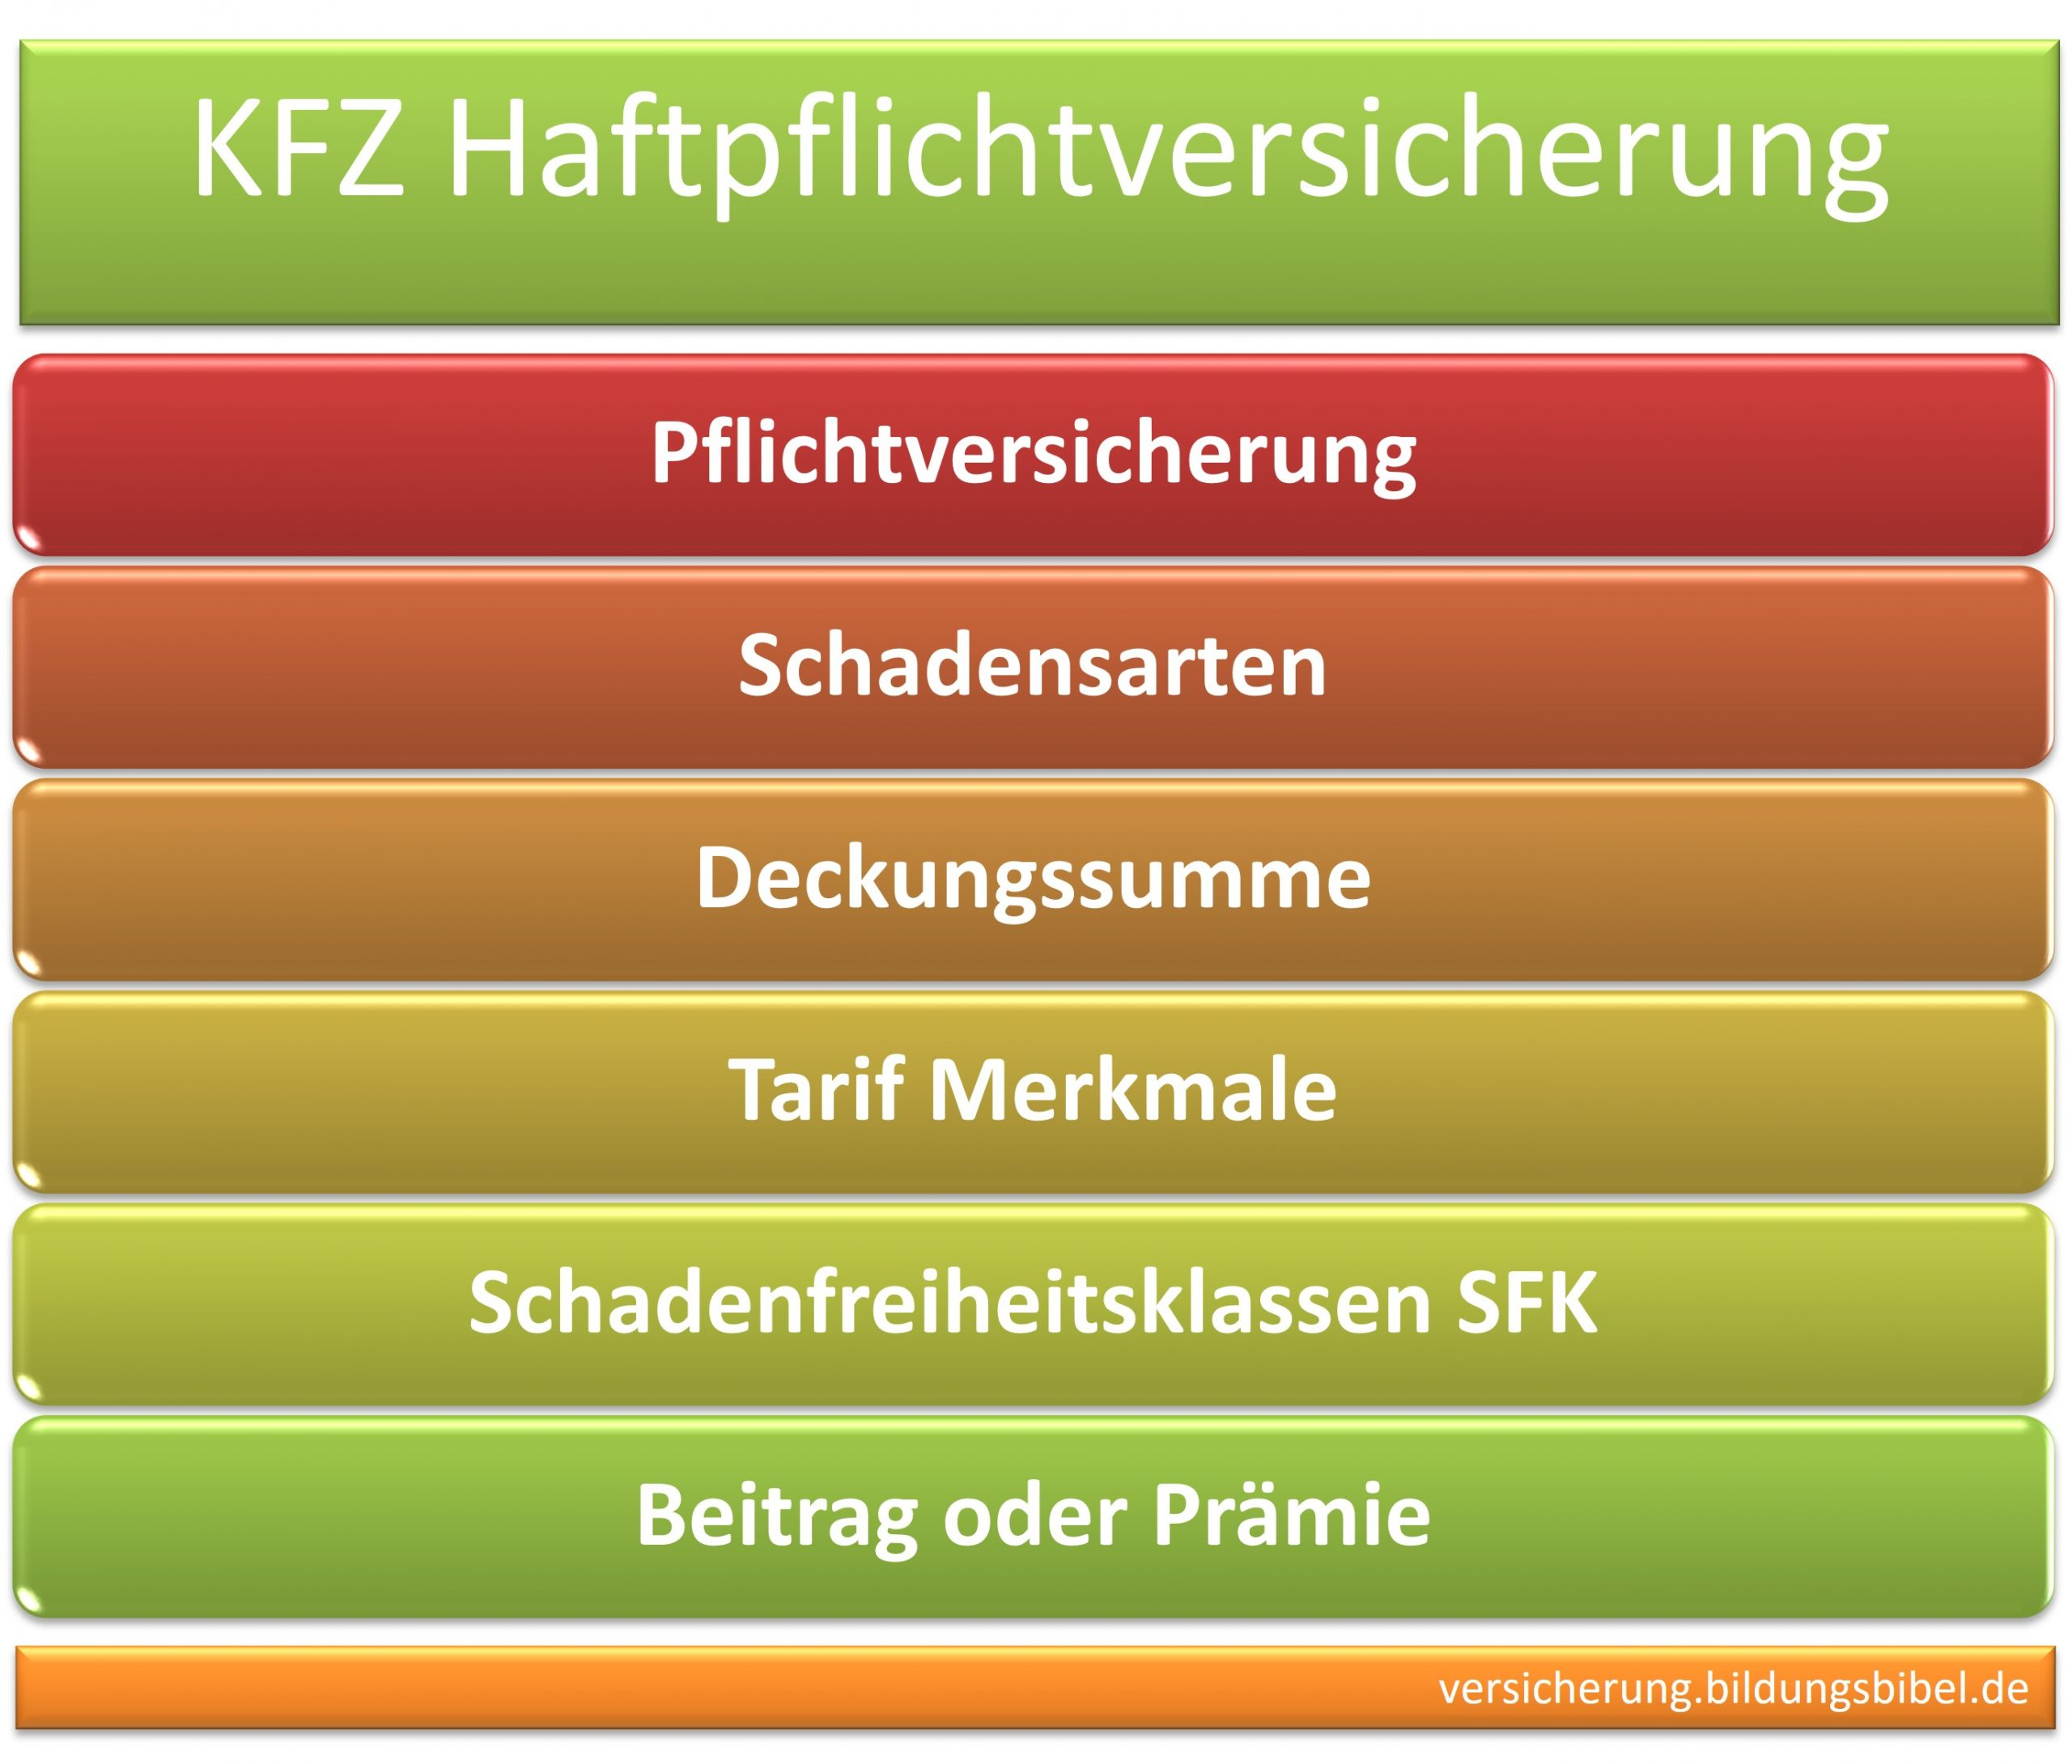 Kfz Haftpflichtversicherung, Pflichtversicherung, Schadensarten, Deckungssumme, Tarif Merkmale,  Schadenfreiheitsklassen SFK, Beitrag, Prämie.